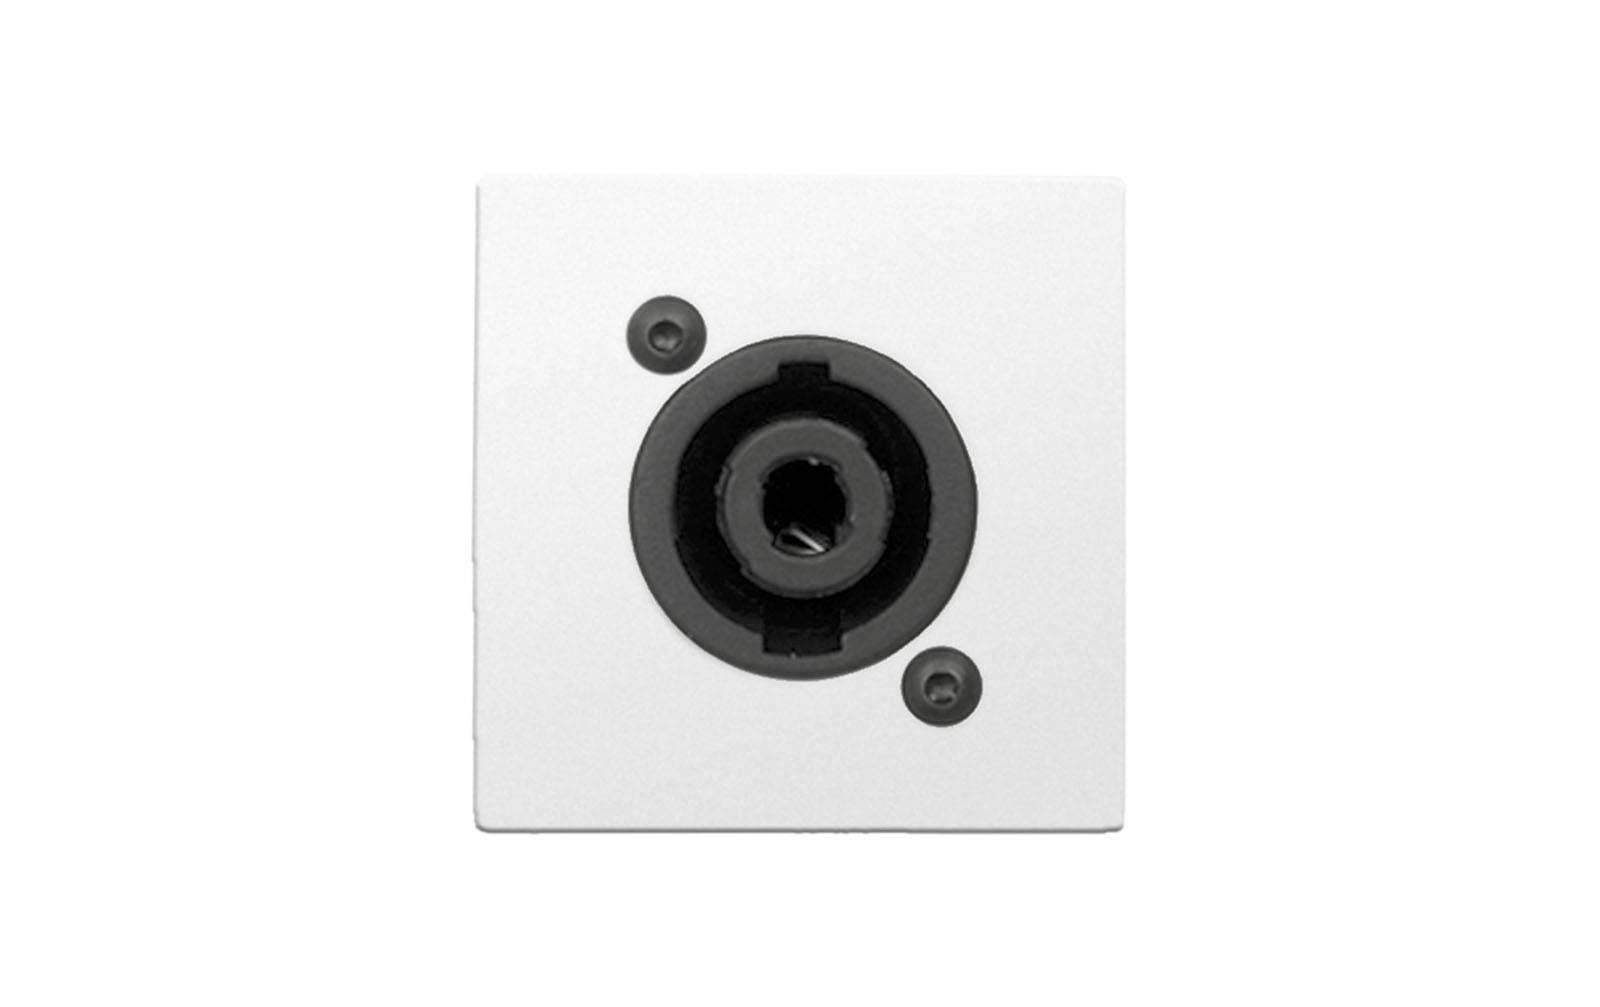 audac-cp-45-spesw-anschlussplatte-mit-lautsprecher-buchse-weiay